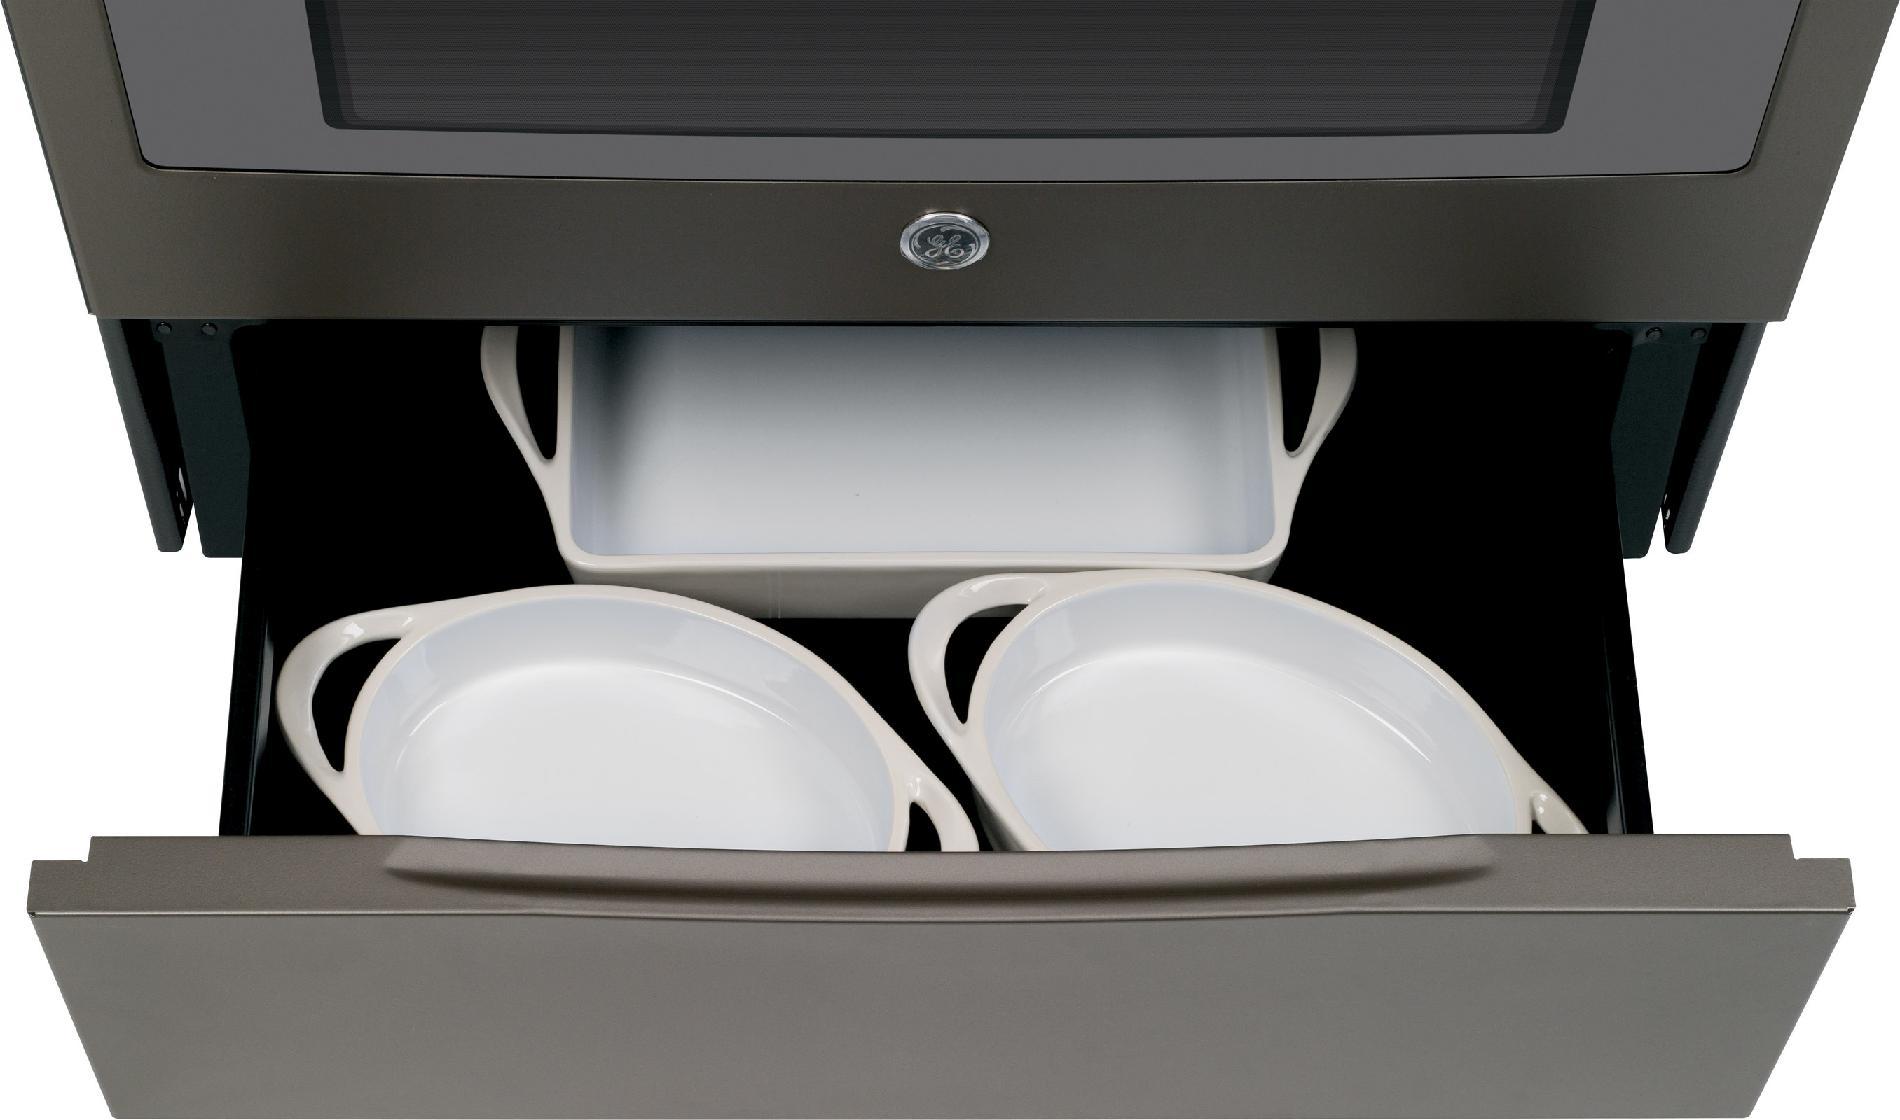 GE Appliances JB650EFES 5.3 cu. ft. Electric Range - Slate